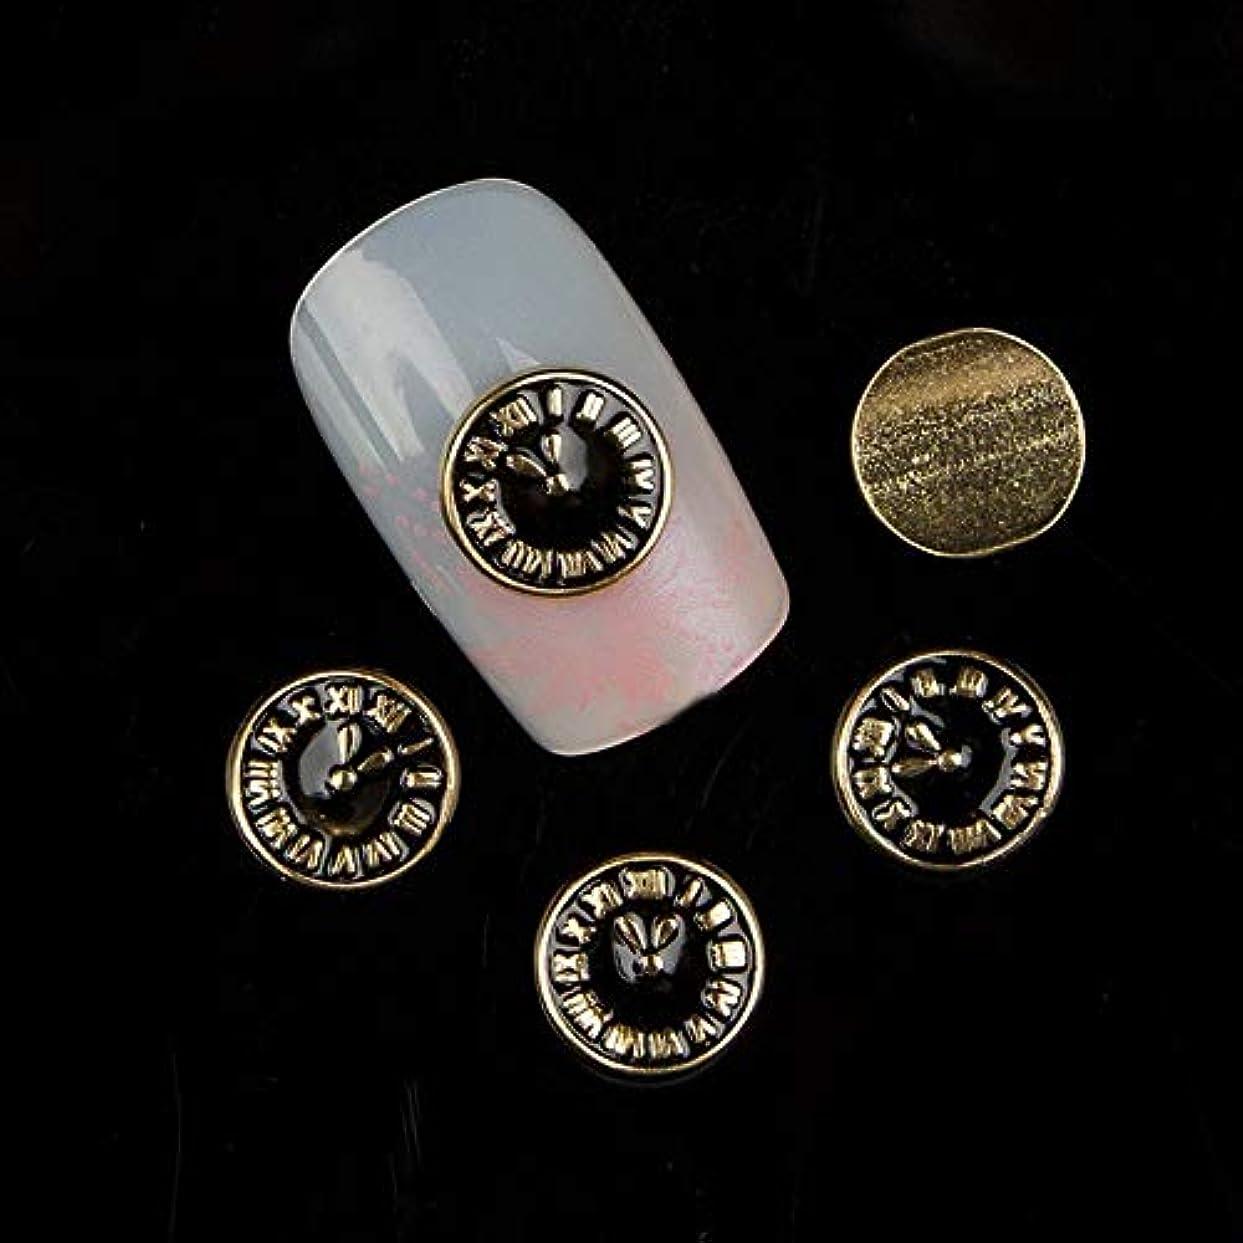 エネルギー重荷首謀者10個入り/ロットゴールドブラックネイル合金スタッド3Dメタル時計ネイルアートの装飾マニキュアデザイン